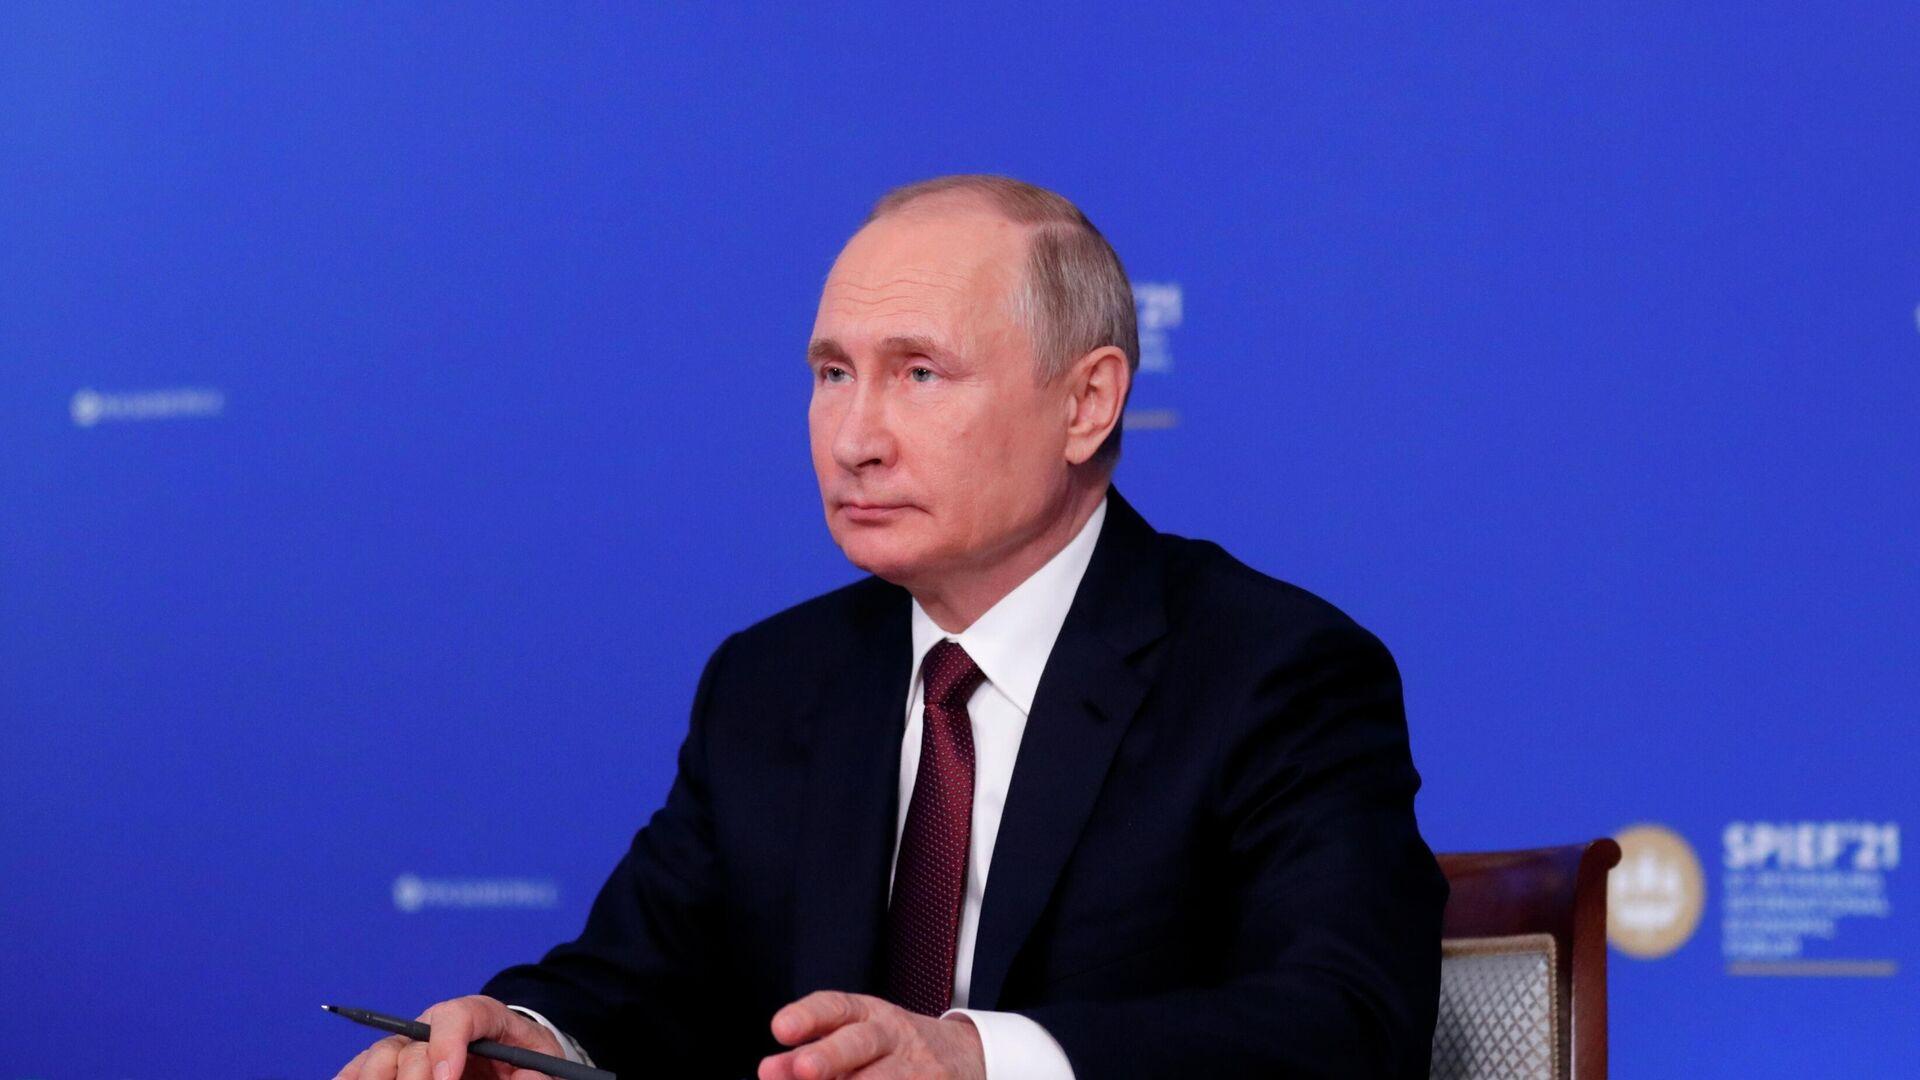 Владимир Путин во время встречи в режиме видеоконференции с руководителями крупнейших иностранных компаний в рамках Петербургского международного экономического форума - 2021 - РИА Новости, 1920, 05.06.2021